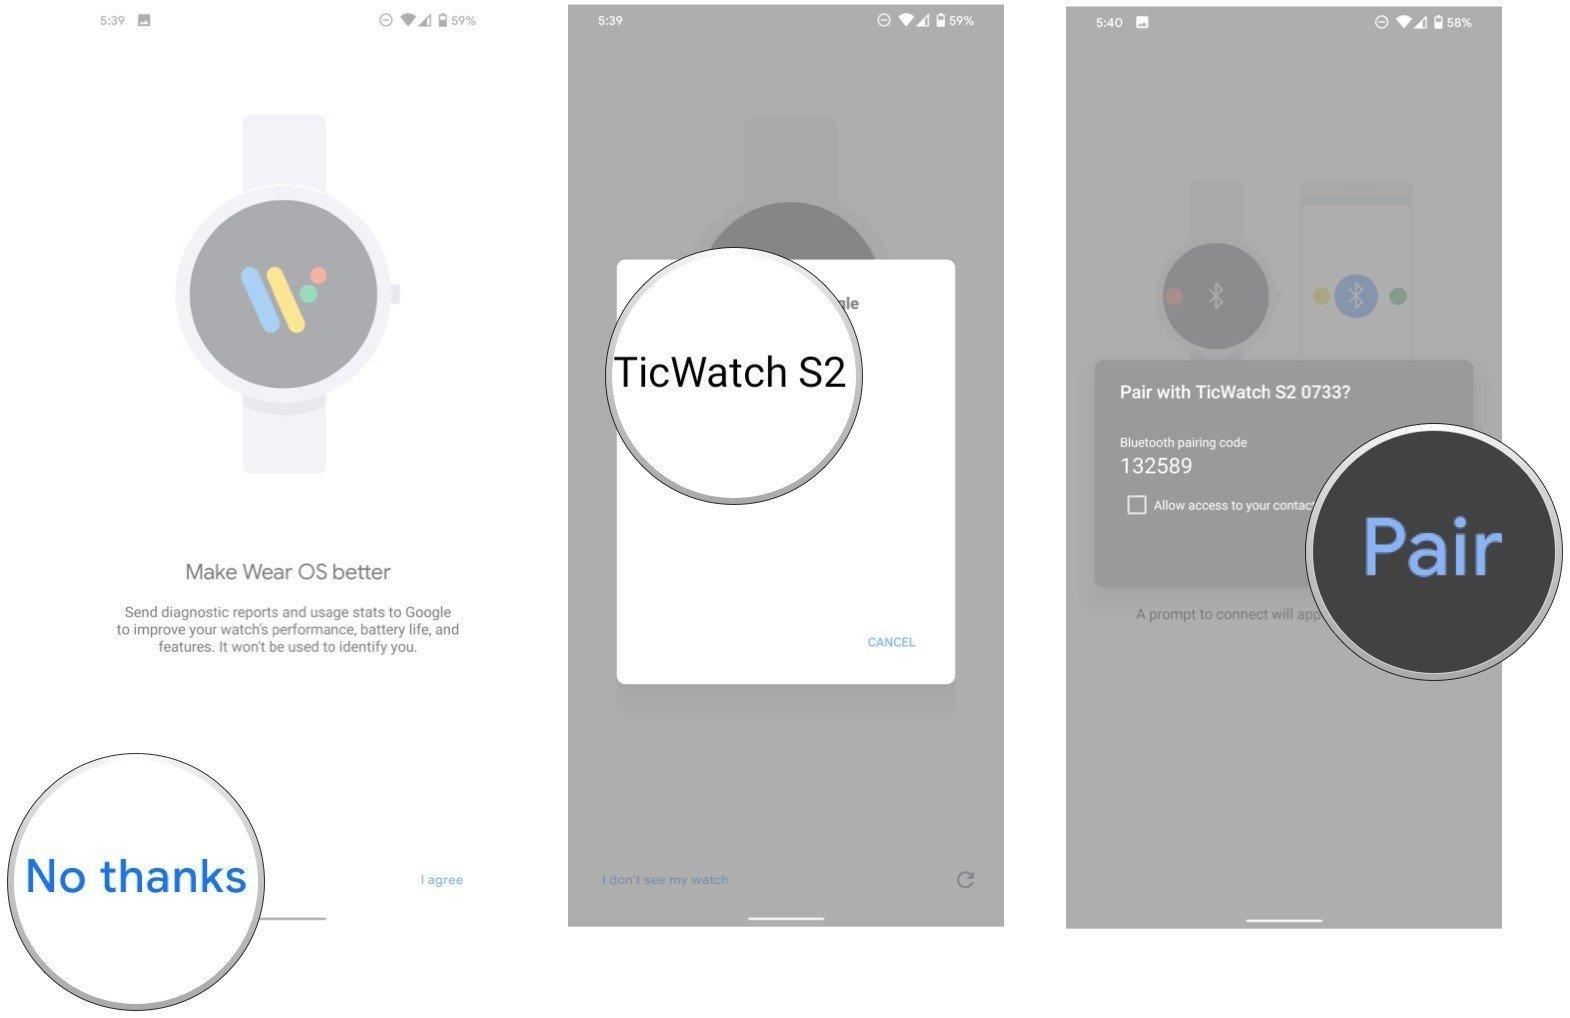 configurar un reloj inteligente con su teléfono Android